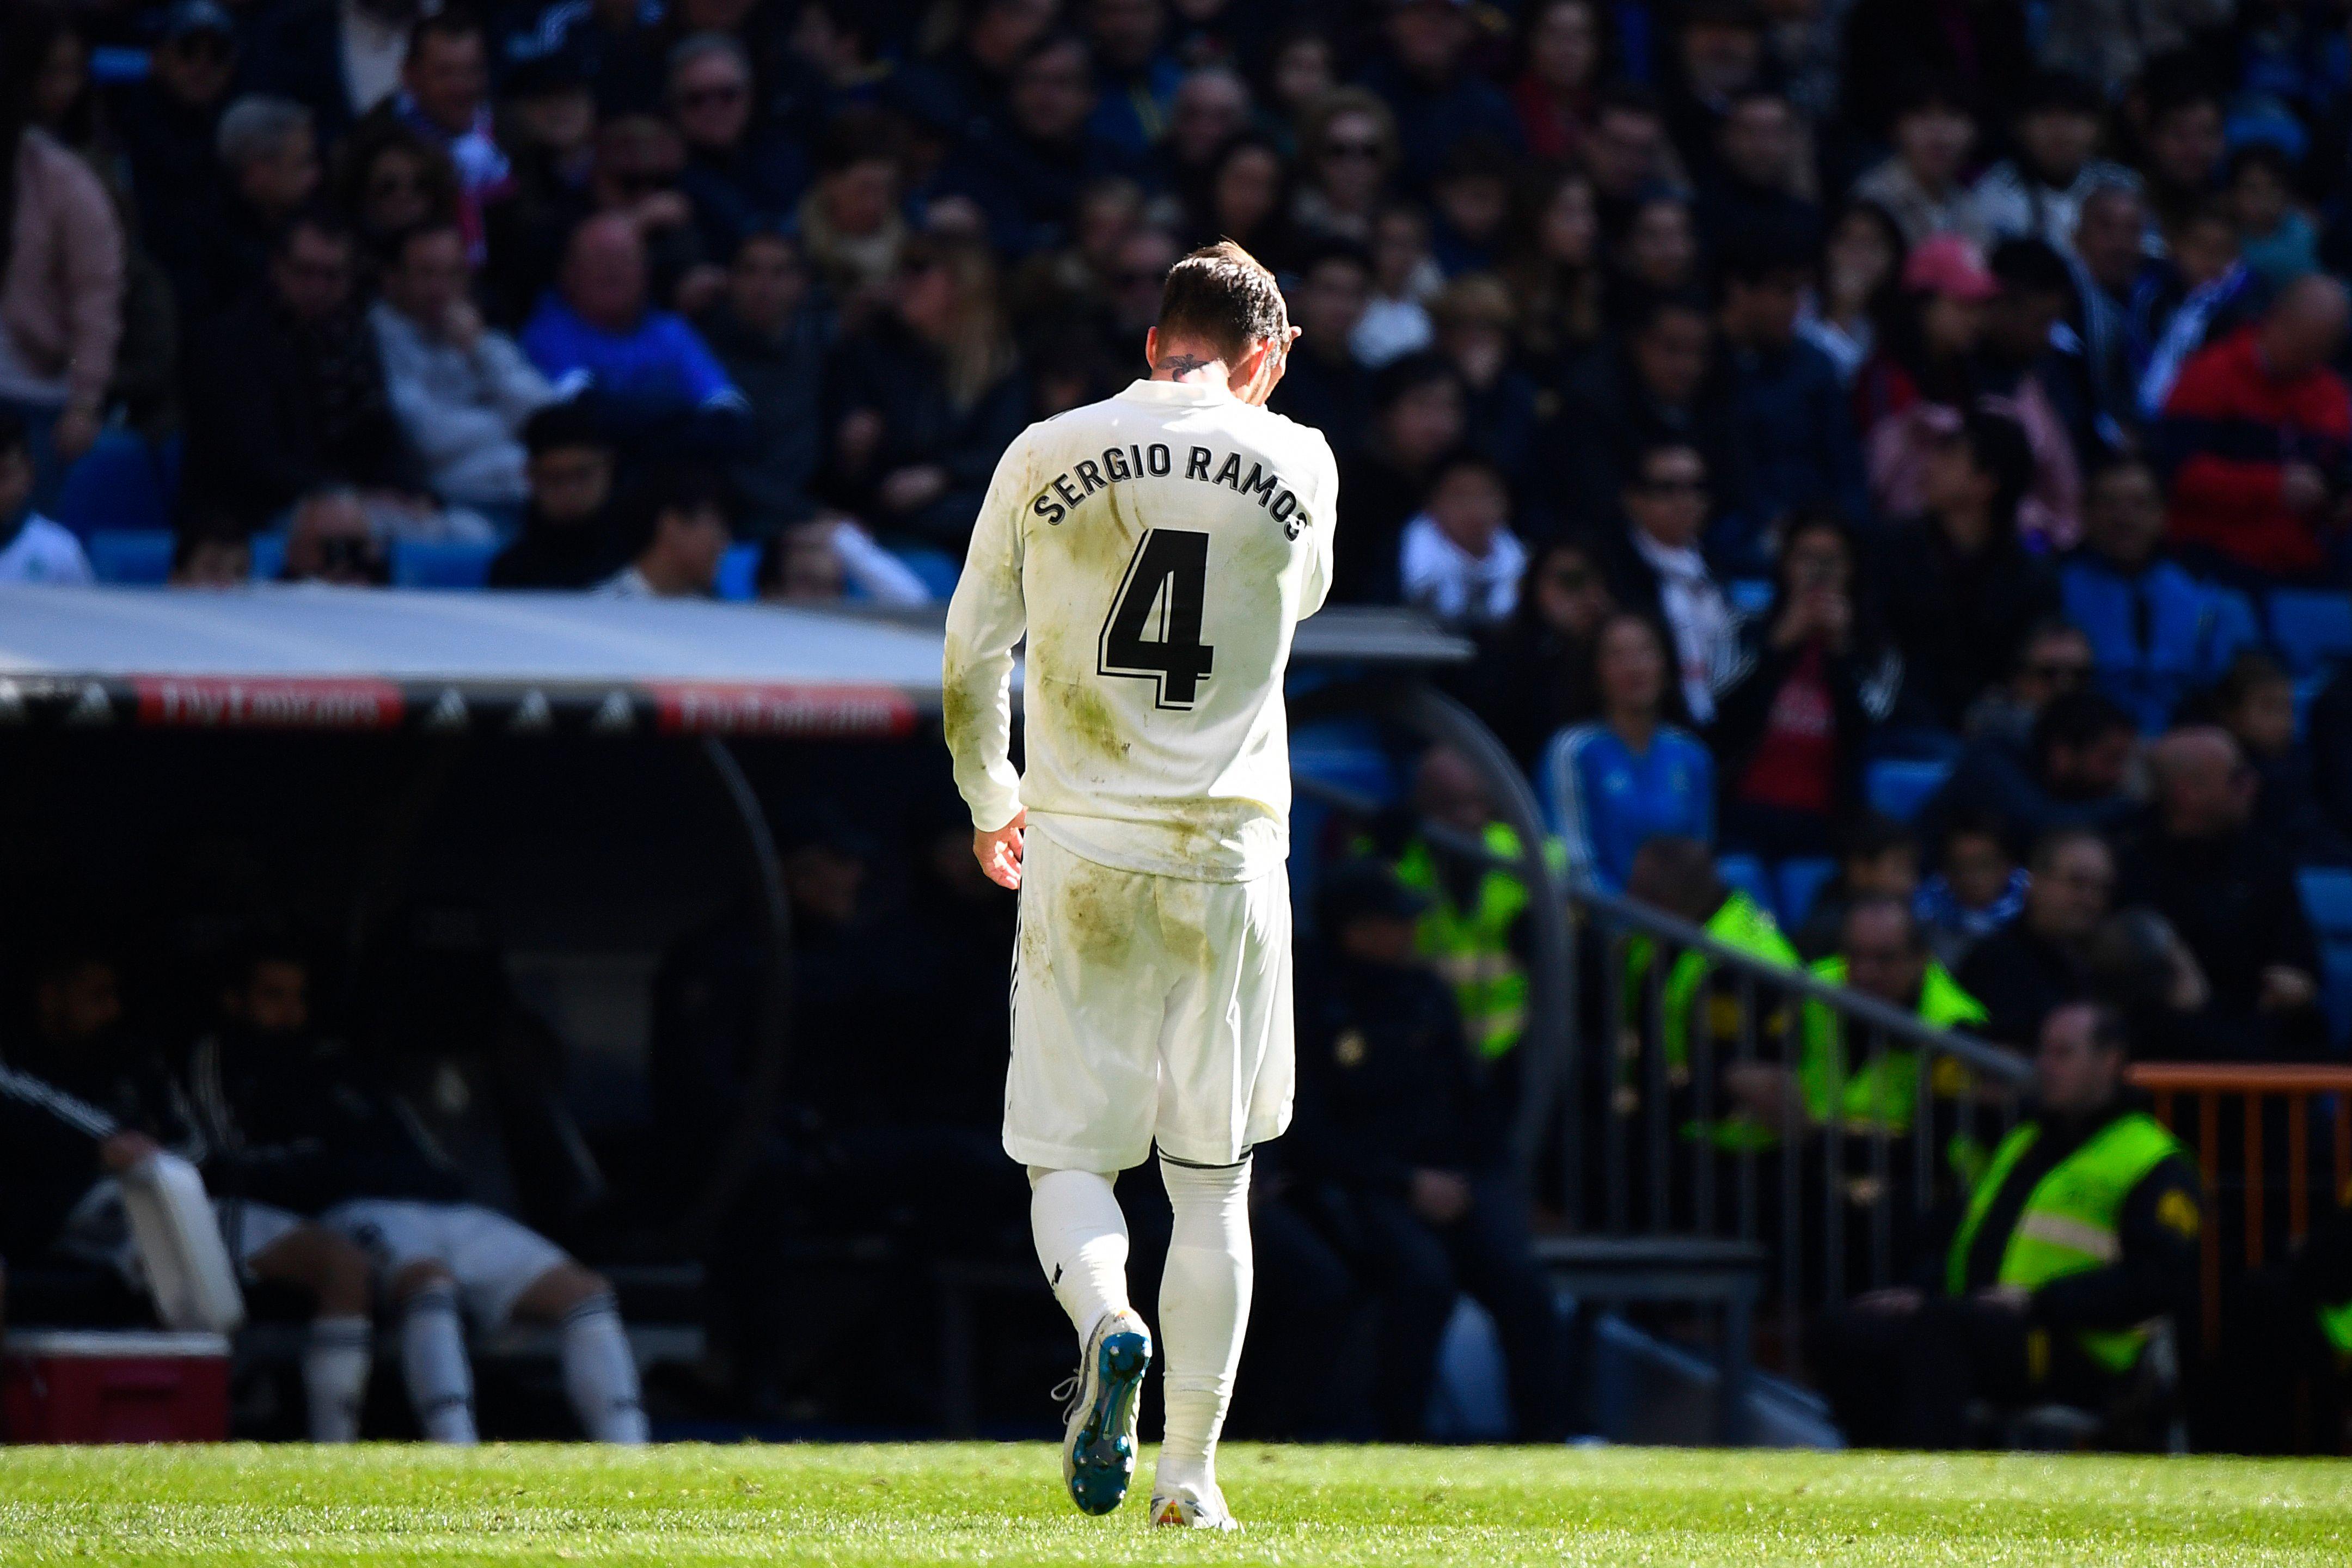 Gebrauchter Tag für Sergio Ramos: Real Madrid verliert und der Starverteidiger fliegt in der Schlussphase vom Platz.